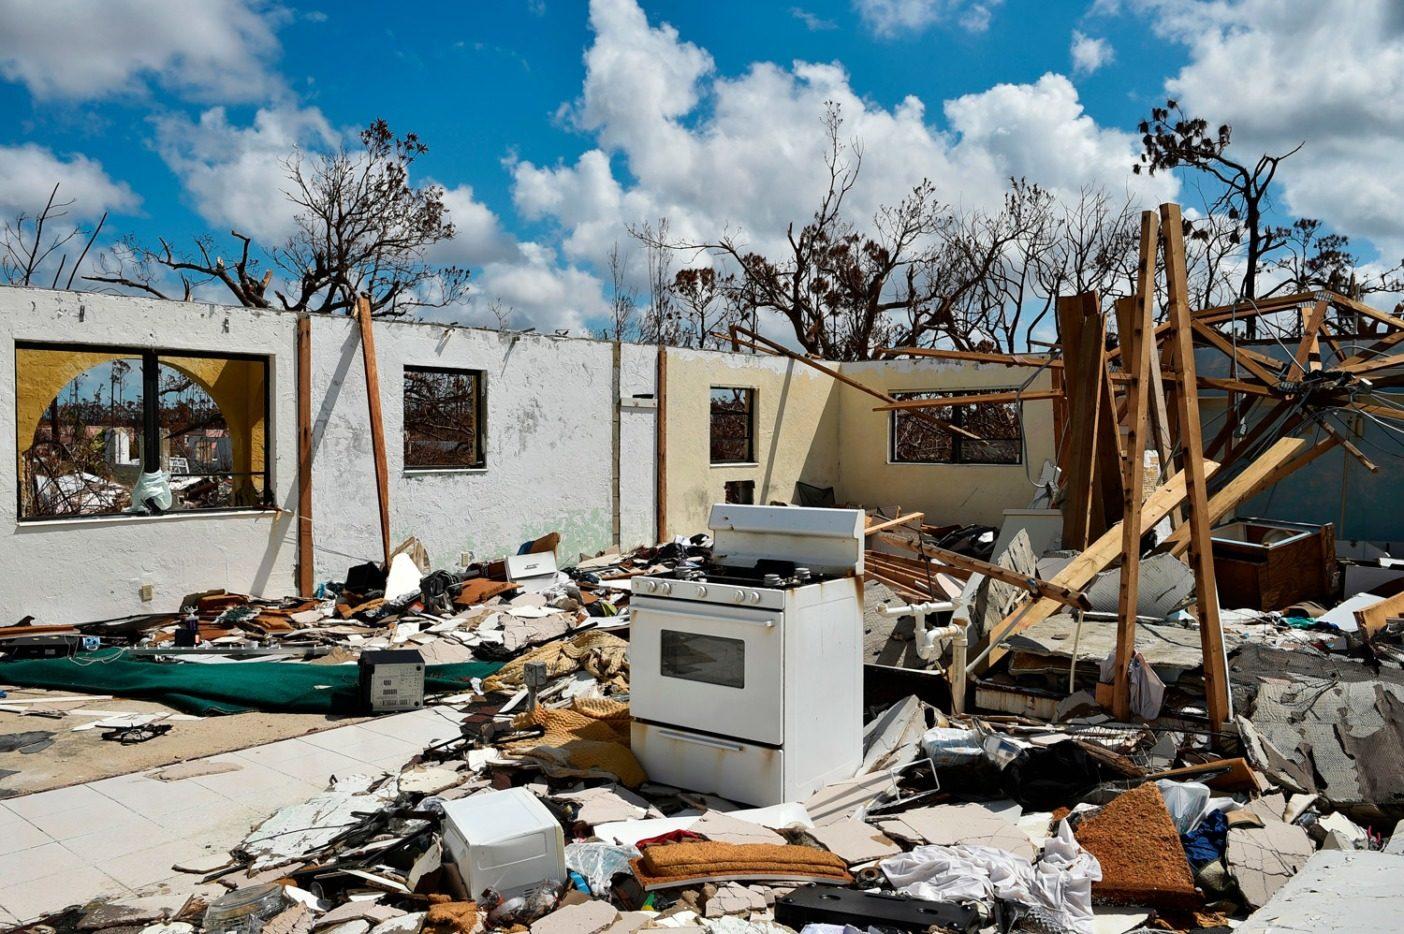 心の居場所は我が家なりというが、ハリケーン・ドリアンは心を砕かせた出来事だった。気候変動がより多くのハリケーンを招くというのは語弊があるが、気候変動によりこれらの嵐がより激しく、より致死的なものになる、ということについては概ね意見が一致する。Photo: Leila Macor/AFP/Getty Images